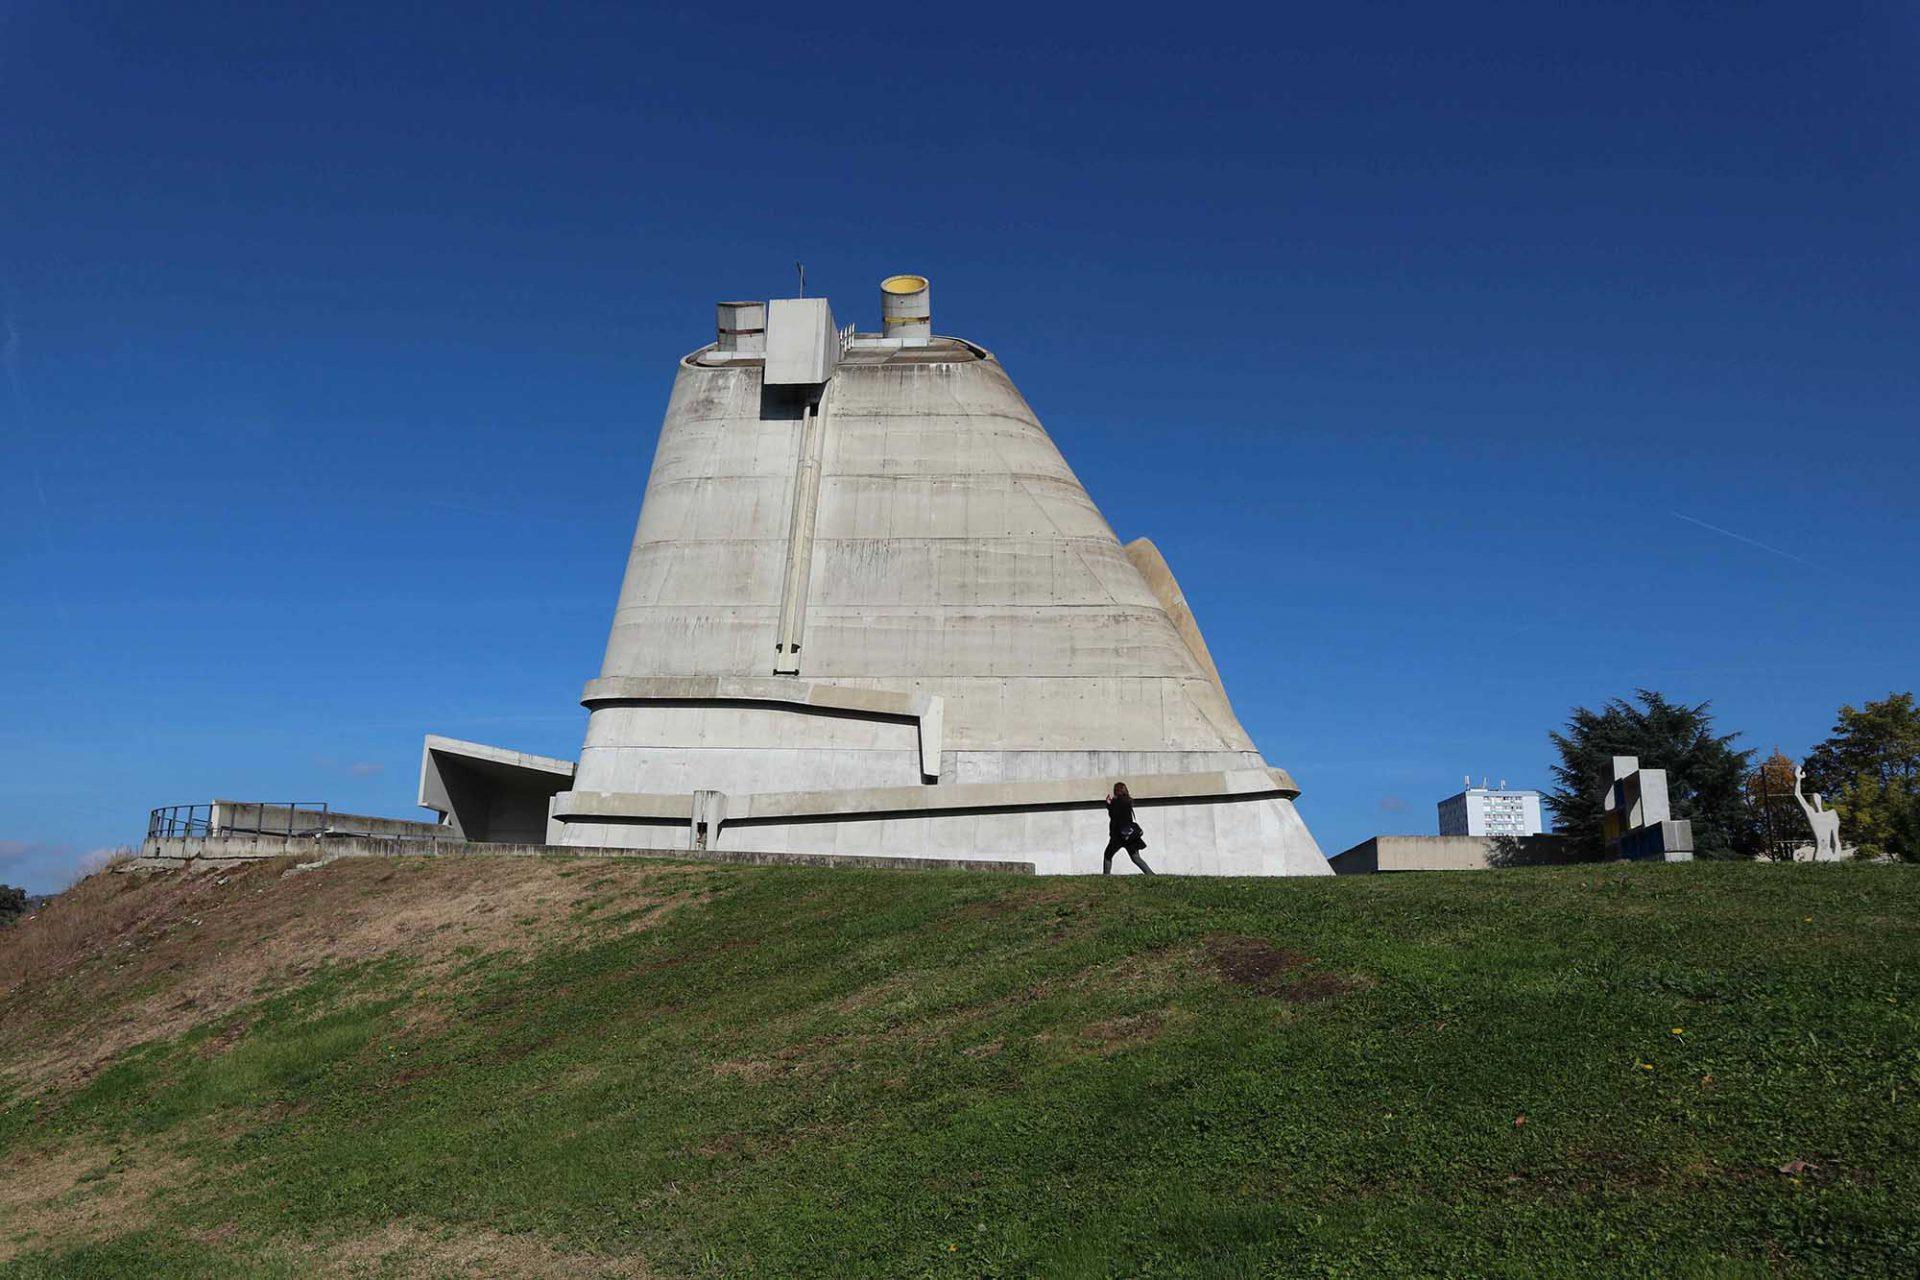 L'église Saint-Pierre. Der Kegelbau ist auf einem quadratischen Grundriss errichtet mit aus dem Dach hervorstoßenden Lichtkanonen.